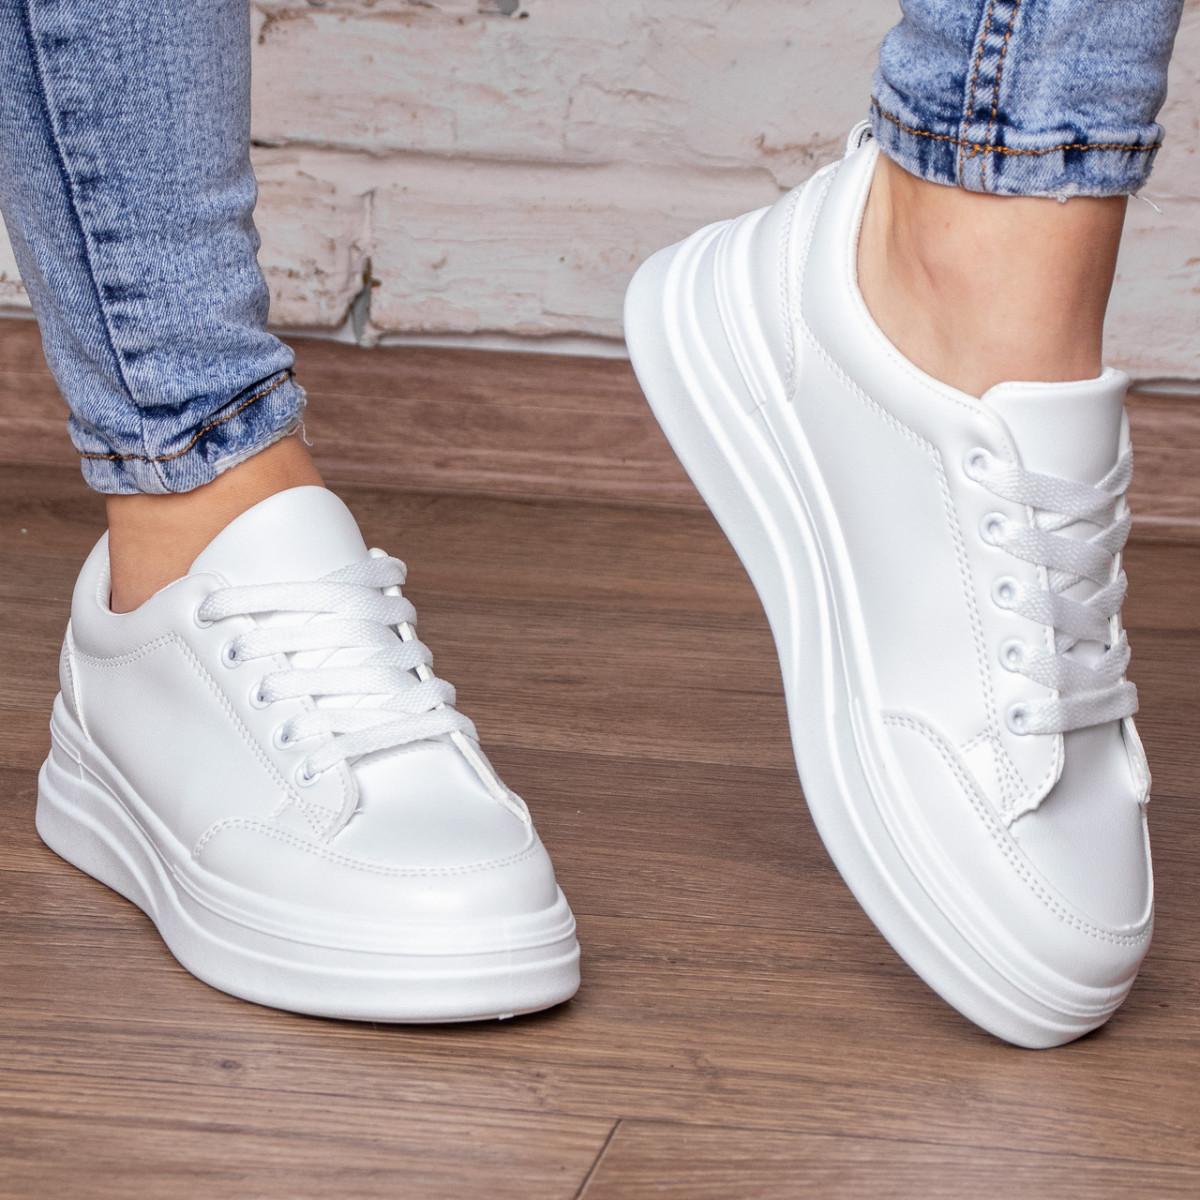 Кеди жіночі Fashion Adele 3074 36 розмір 23 см Білий